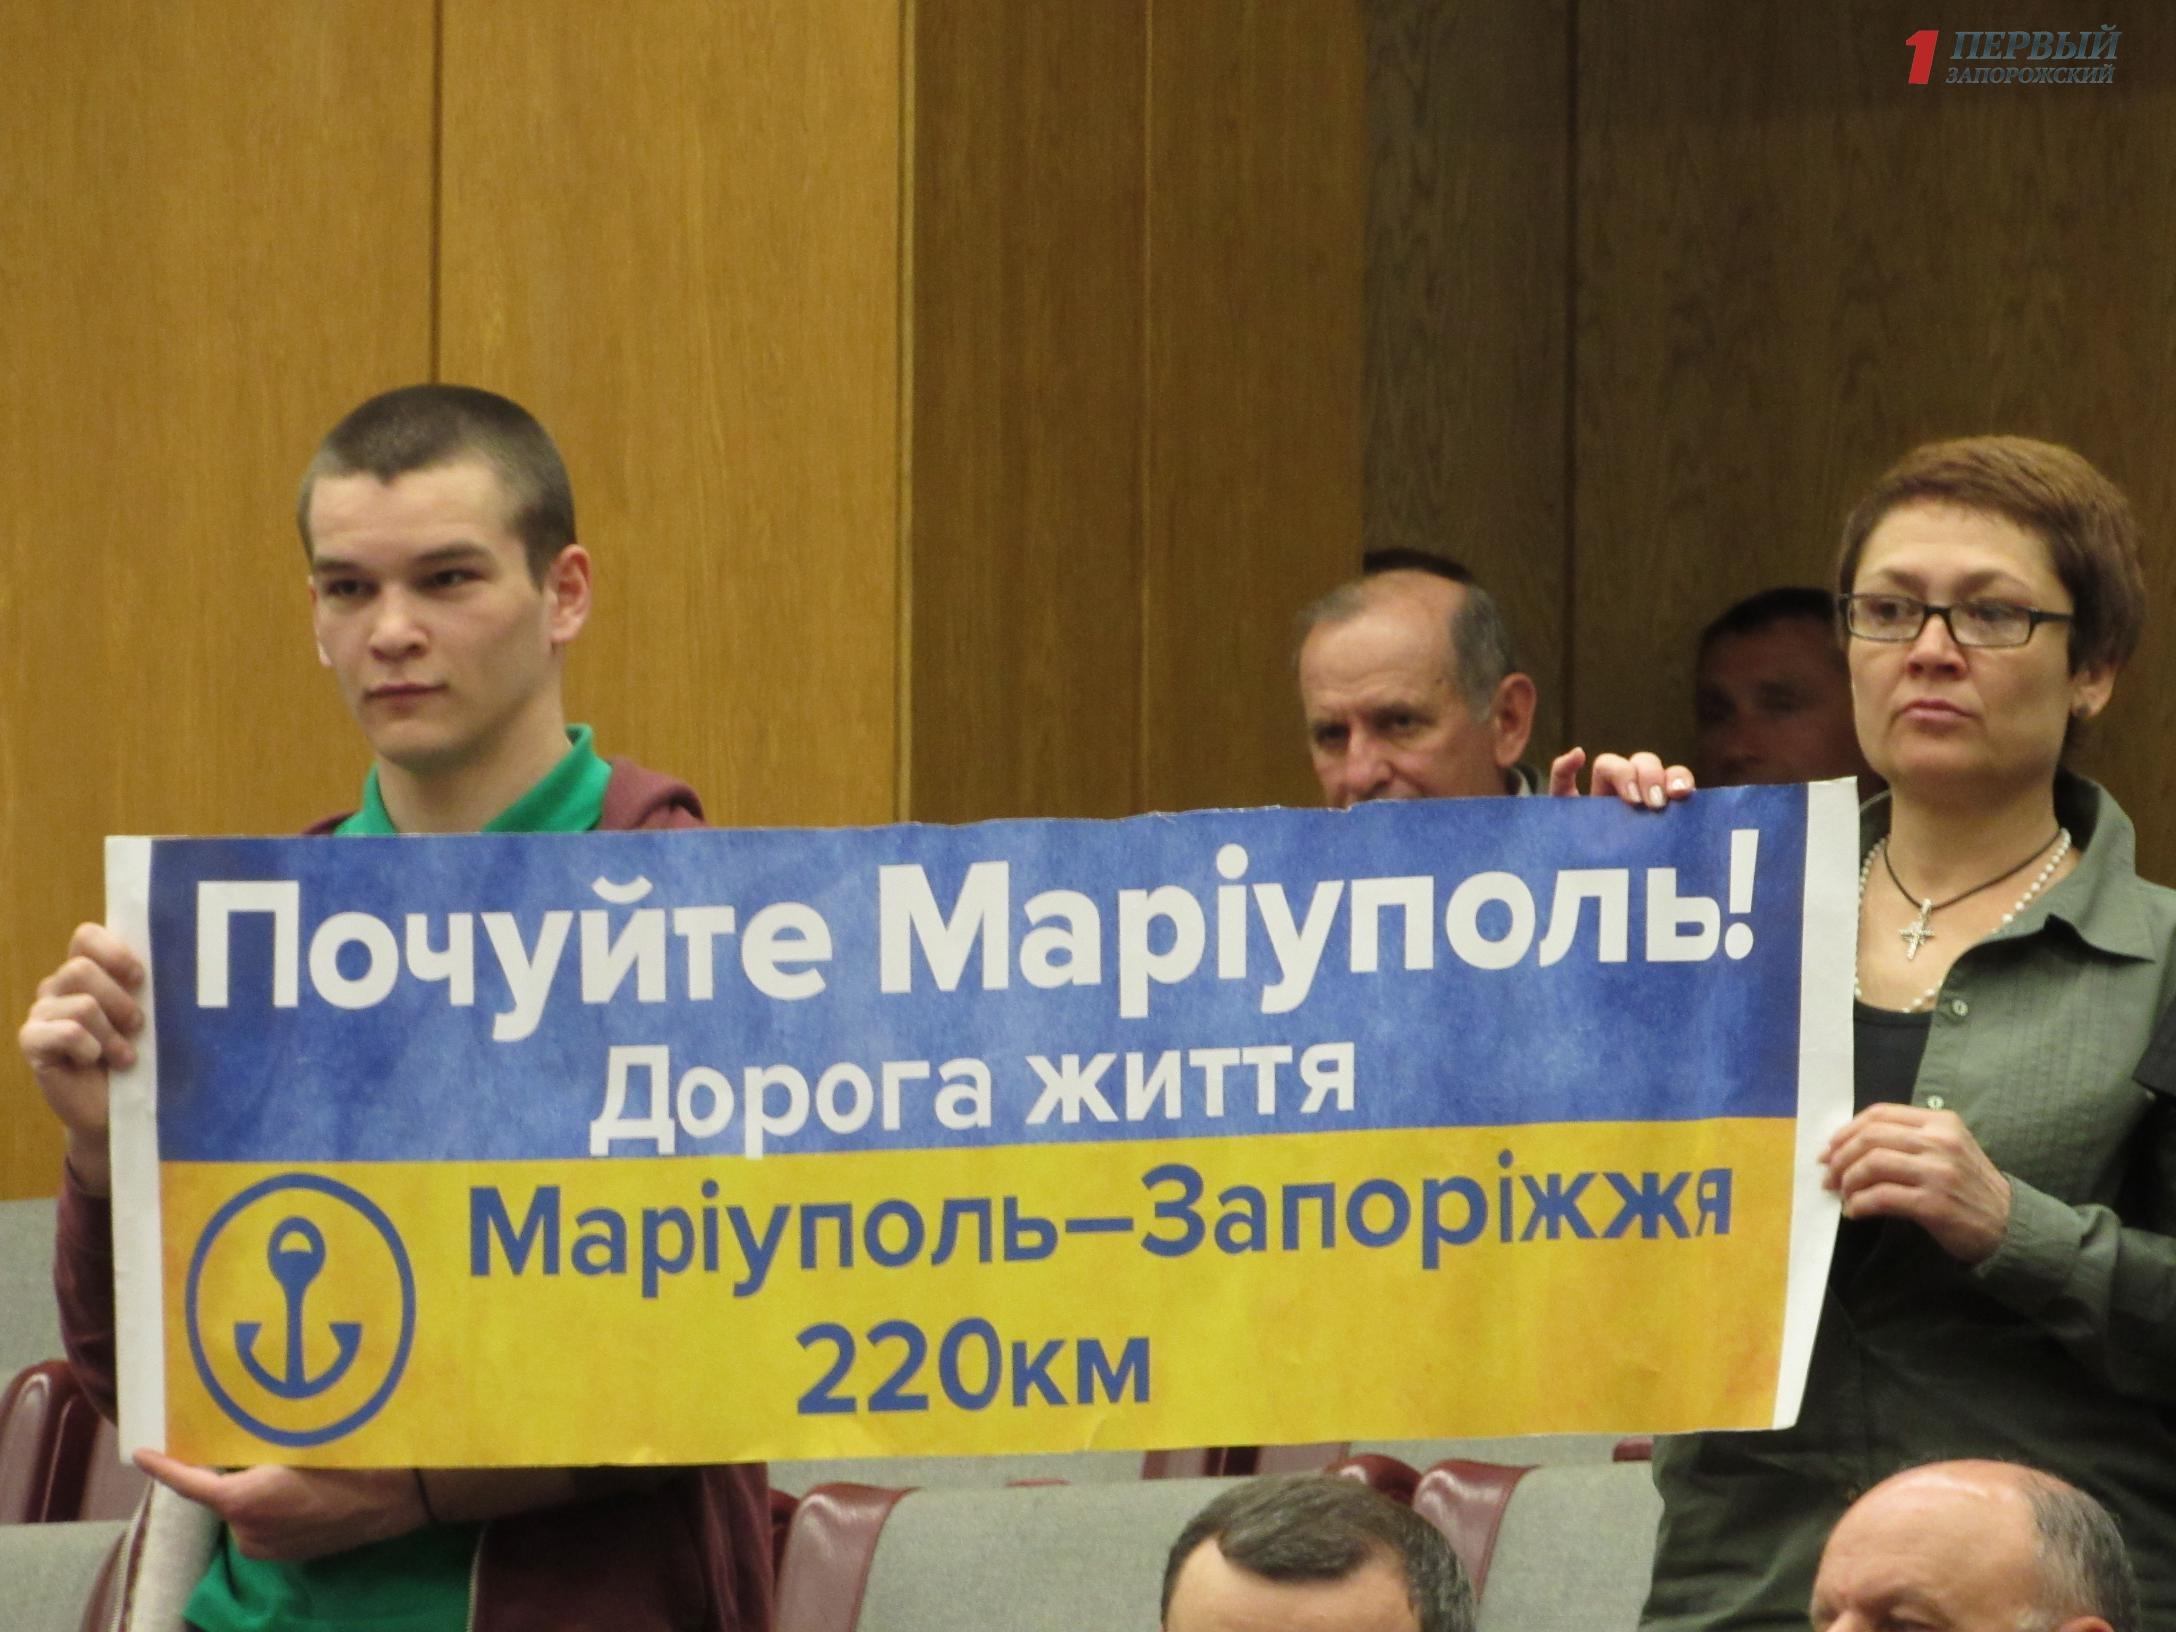 Запорожские депутаты обратились к президенту и премьер-министру с требованием выделить деньги на ремонт проблемной трассы